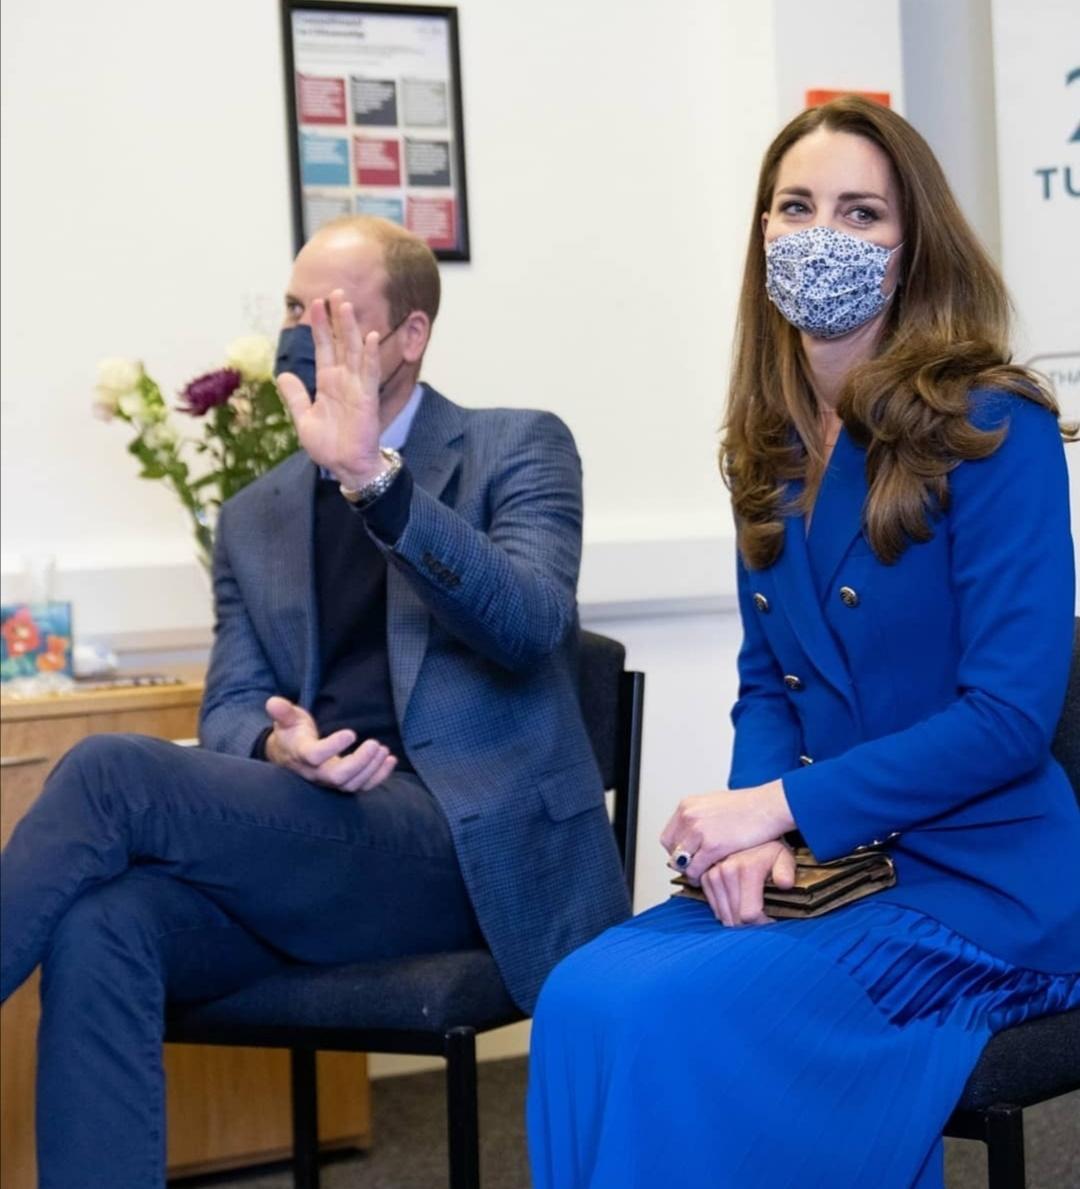 ويليام وكيت خلال زيارتهما إلى Turning Point Scotland- الصورة من حساب Cambridge royal على إنستغرام-